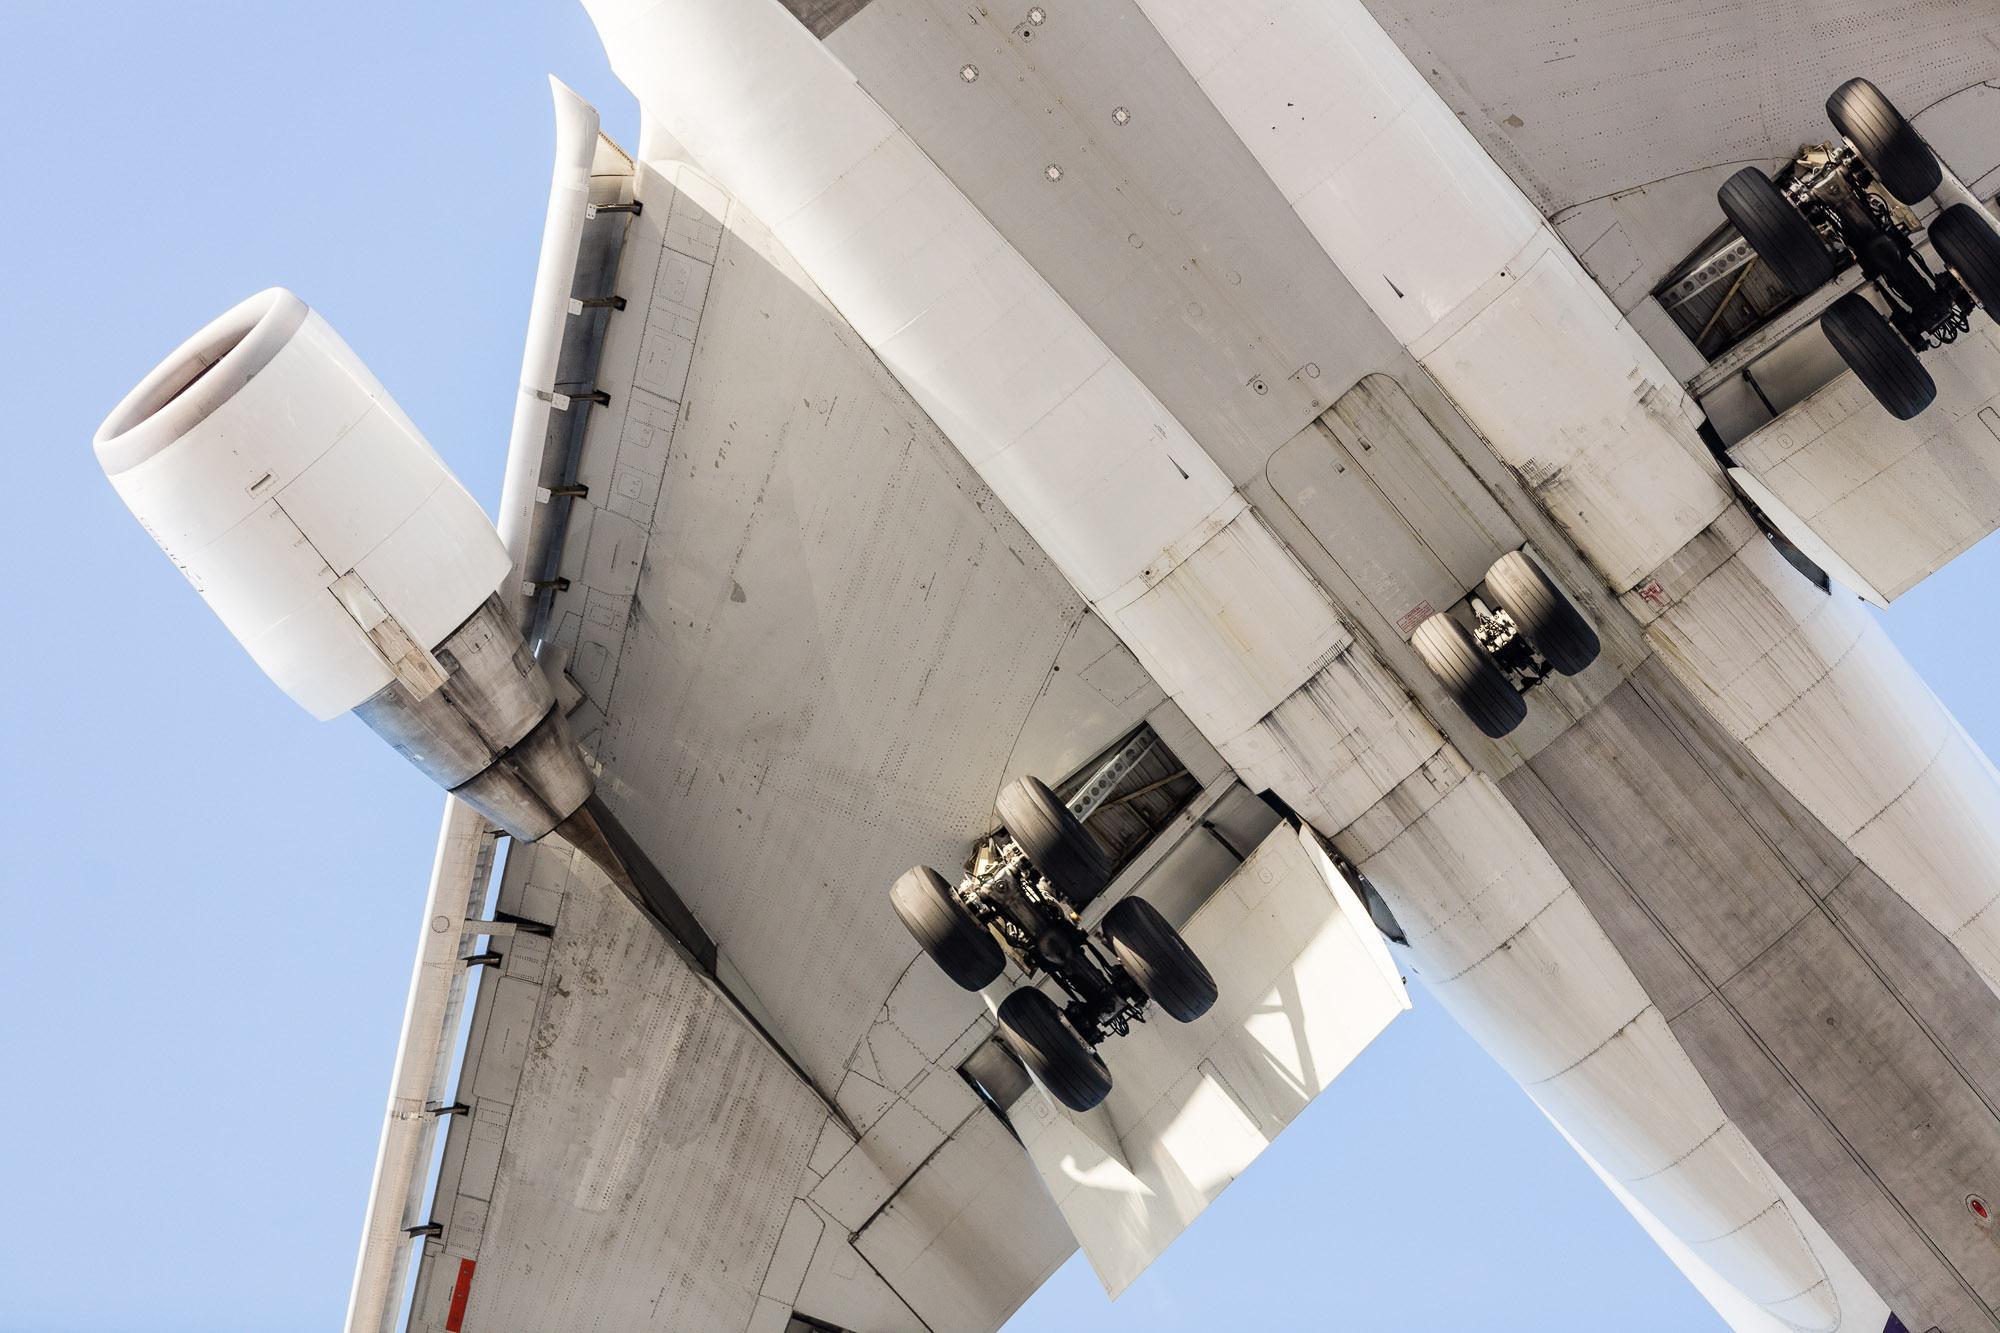 mike-kelley-final-approach-aviation-12.jpg